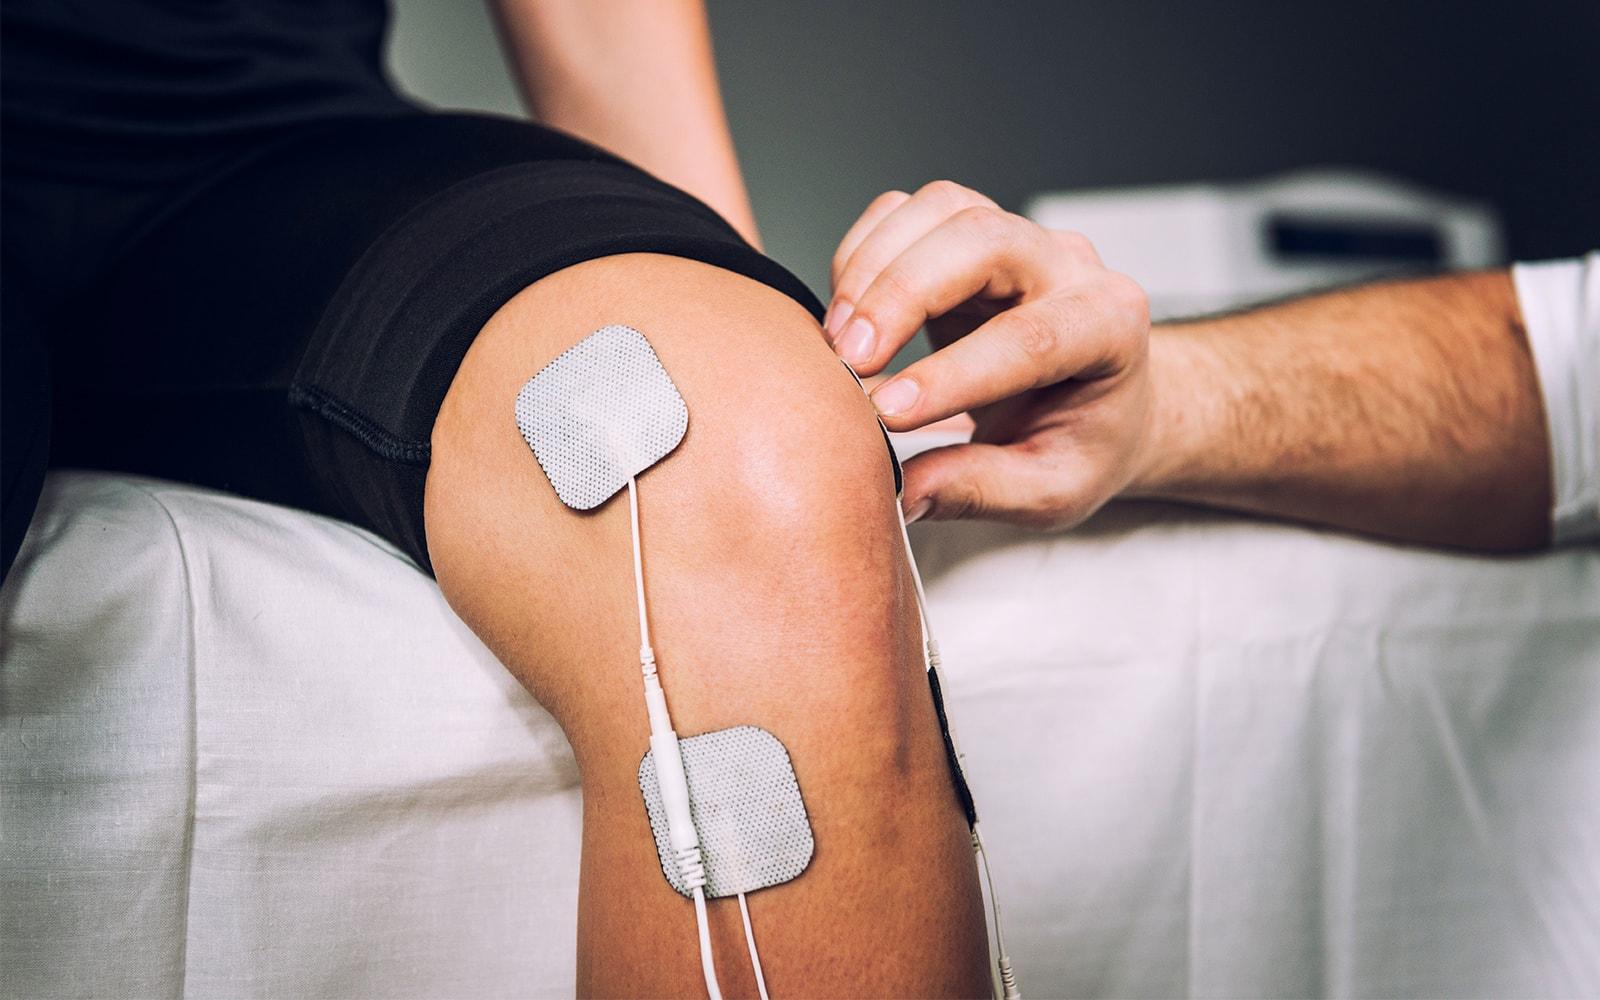 Диадинамотерапия при артрите плечевого сустава фото